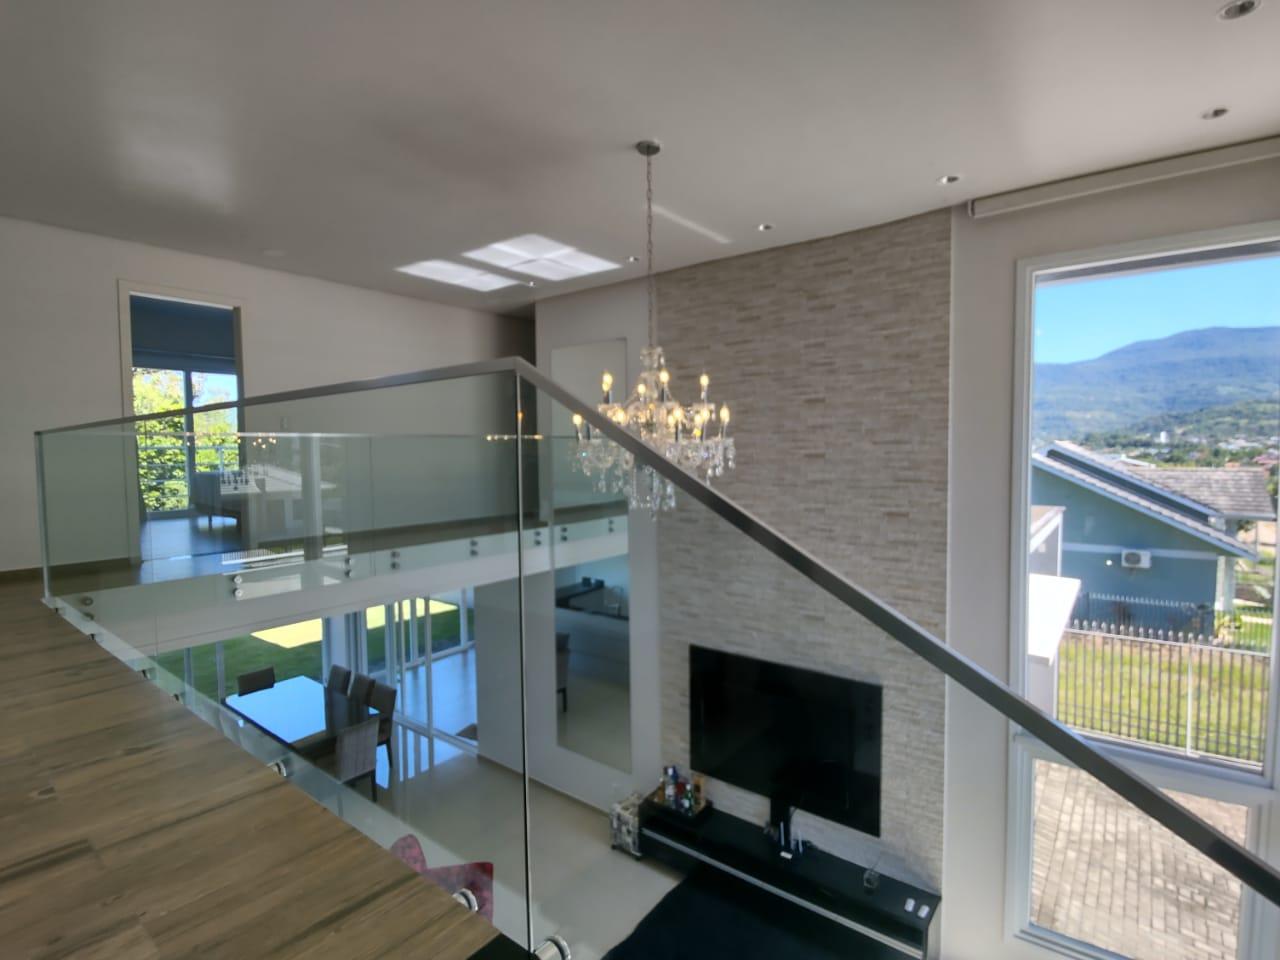 Fotos do imóvel Vendo Casa Contemporânea em Nova Hartz - Sparrenberger Imóveis